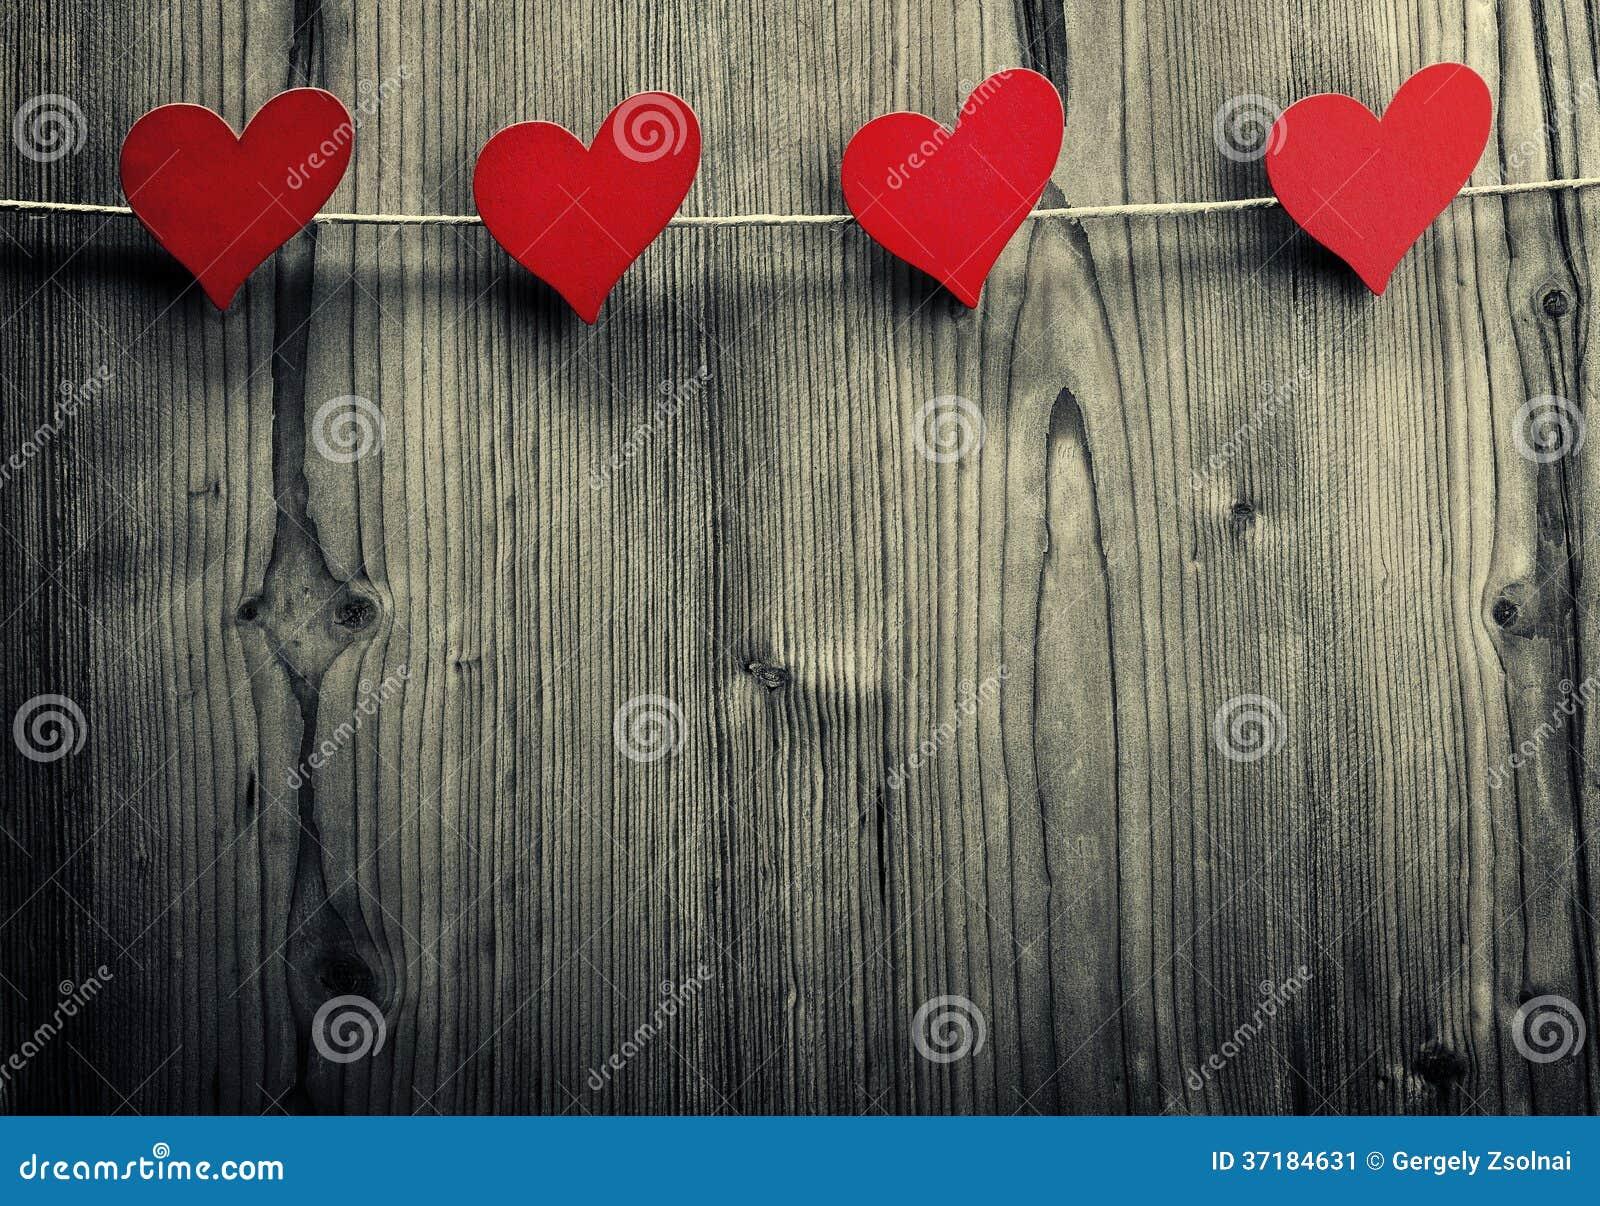 De hart-vormige klemmen hangen op de kabel, de Dag van Valentine, liefdebehang